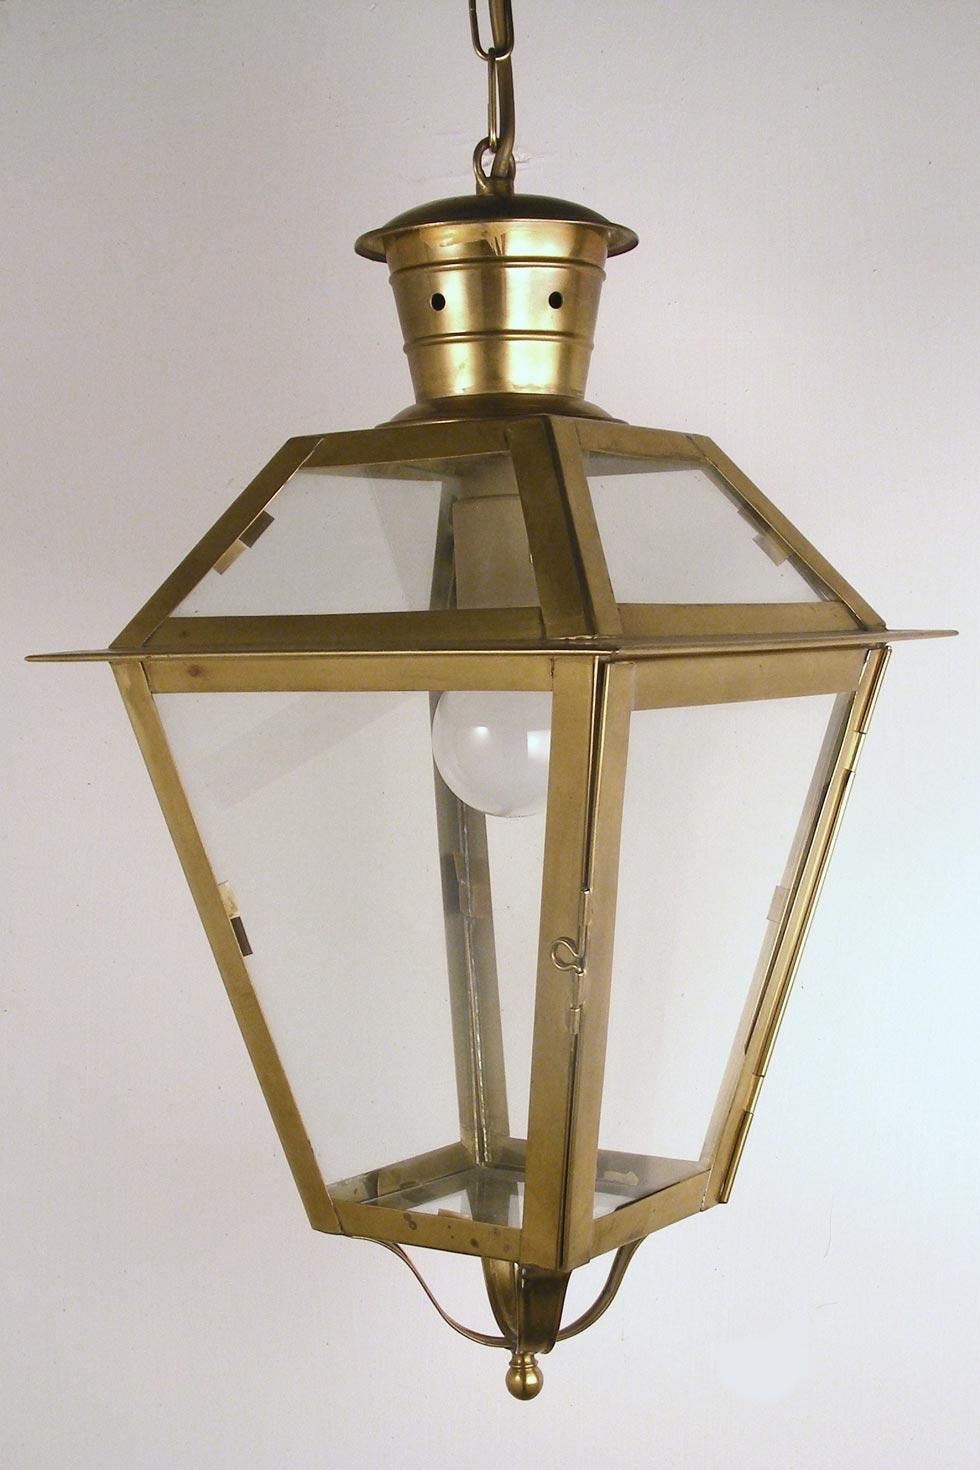 Portico n°1 LS27 lanterne laiton vieilli naturel. Latoaria.